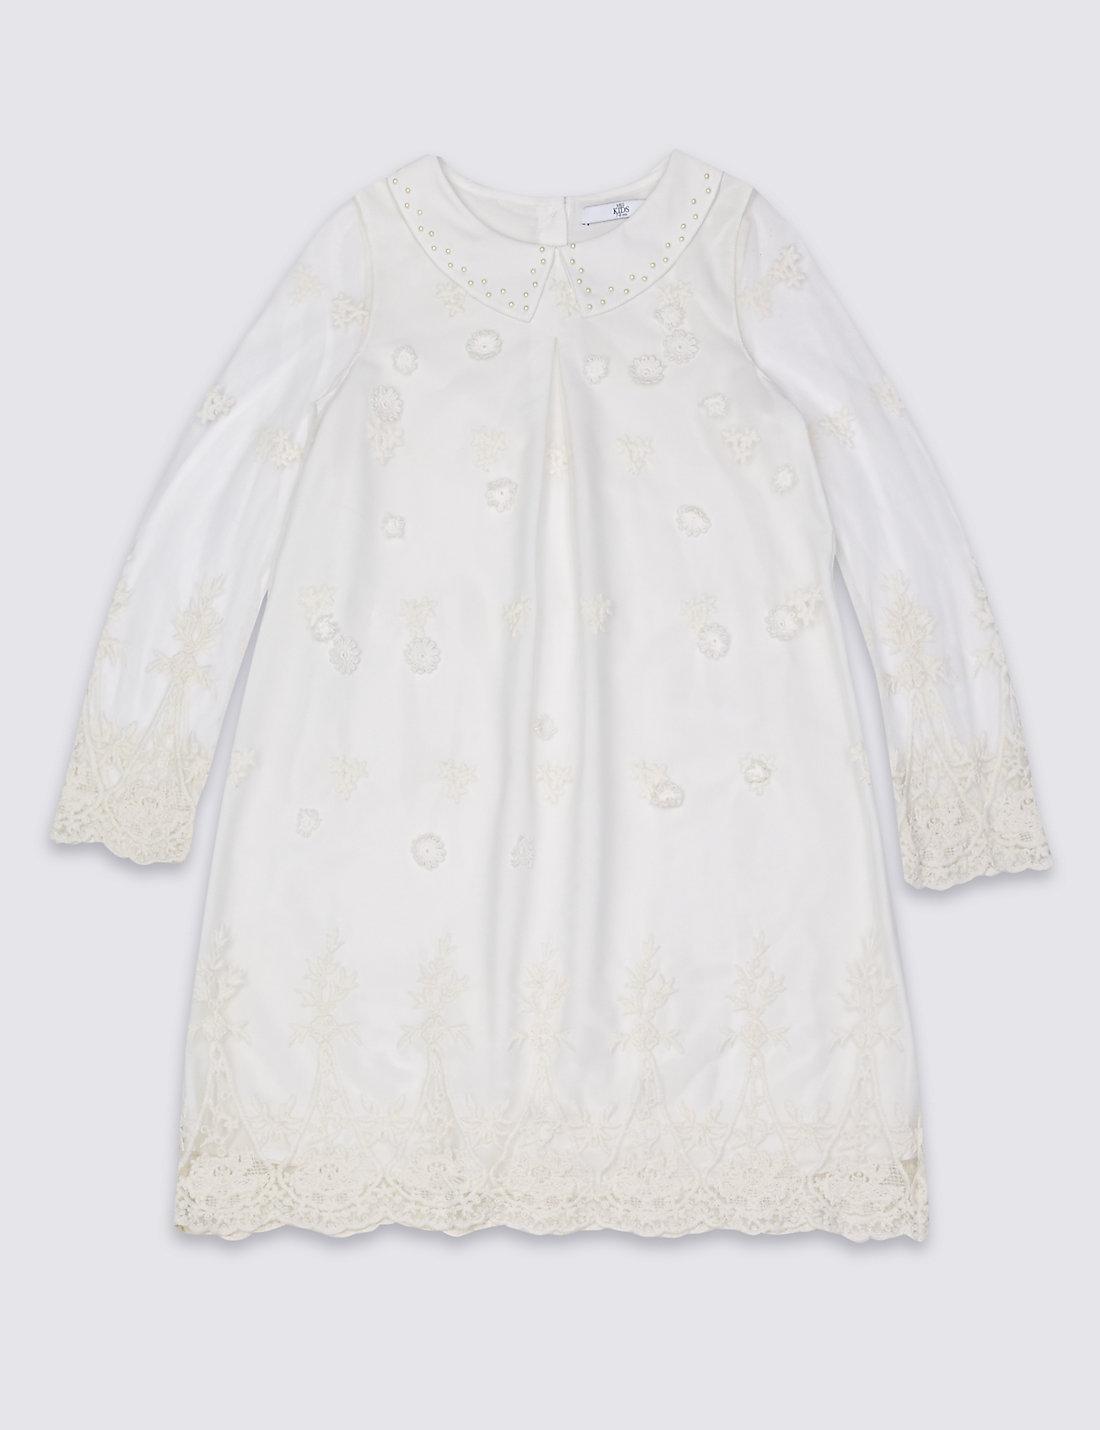 Long Sleeve Mesh Dress at M&S